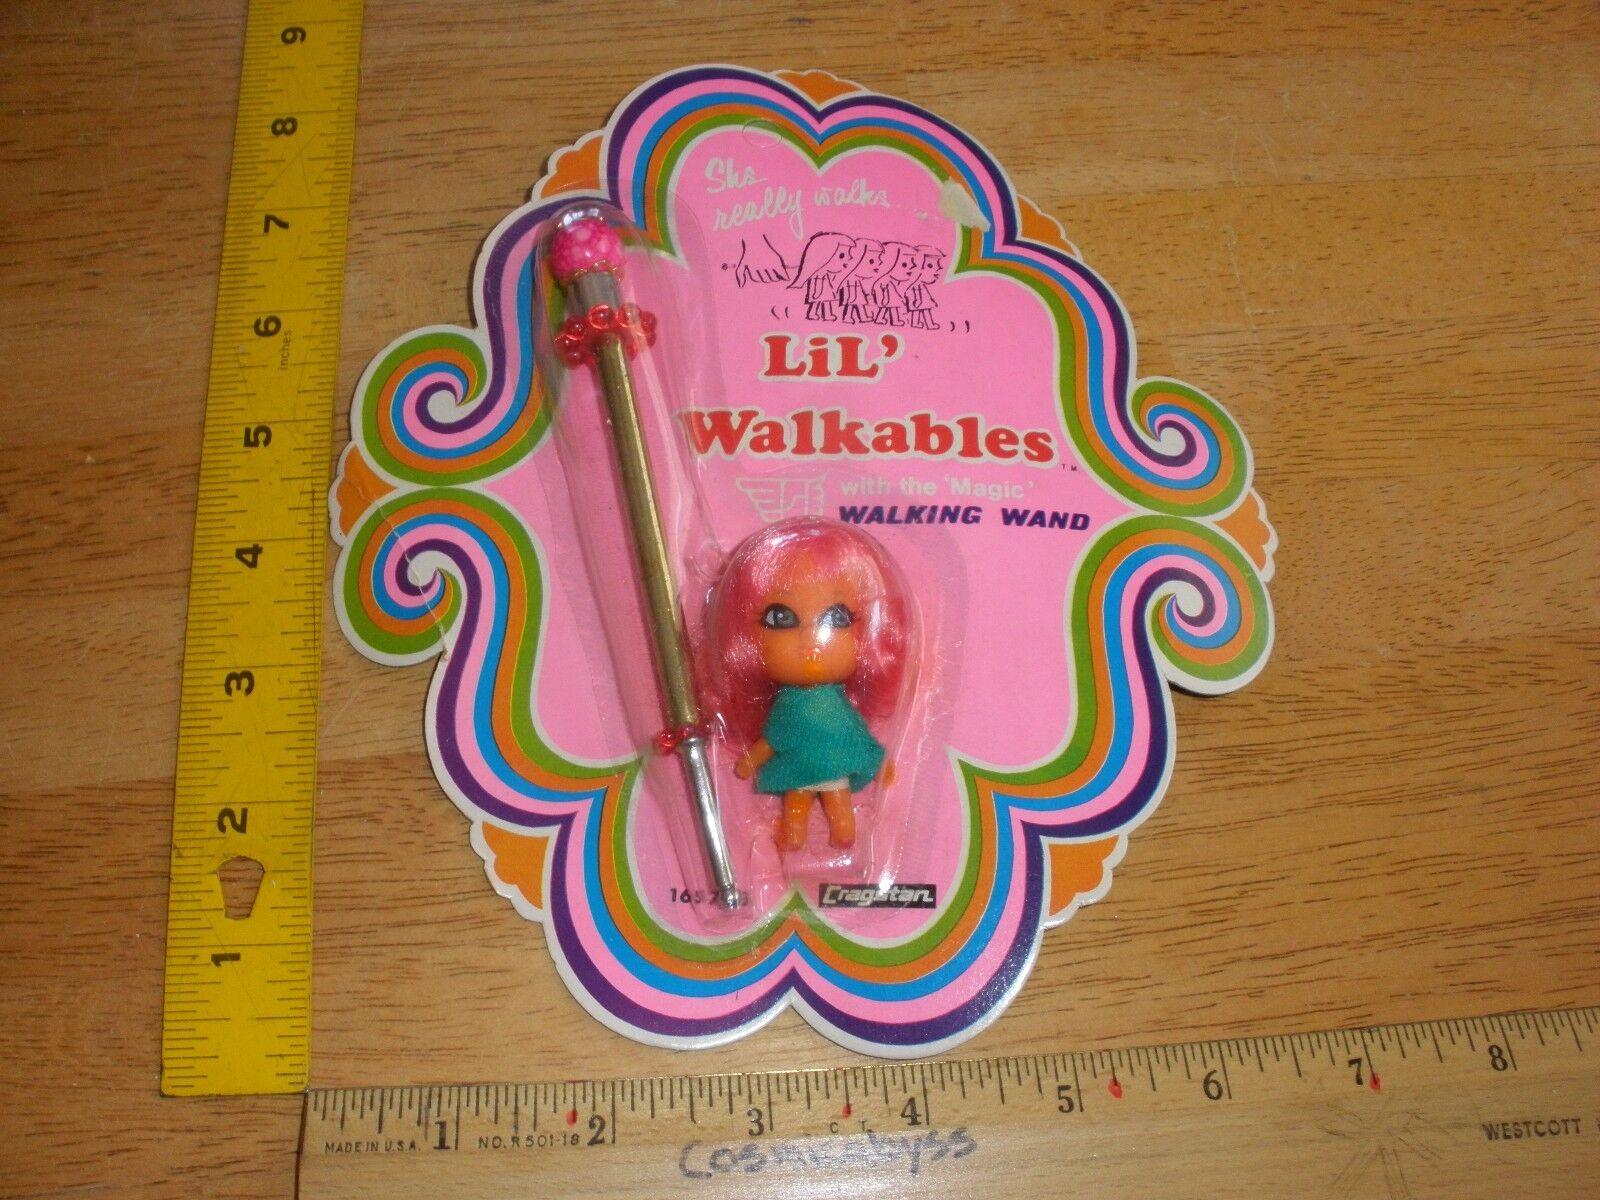 Lil' Walkables Cragstan Little Kiddle 1968 toy MOC VINTAGE unpunched RARE